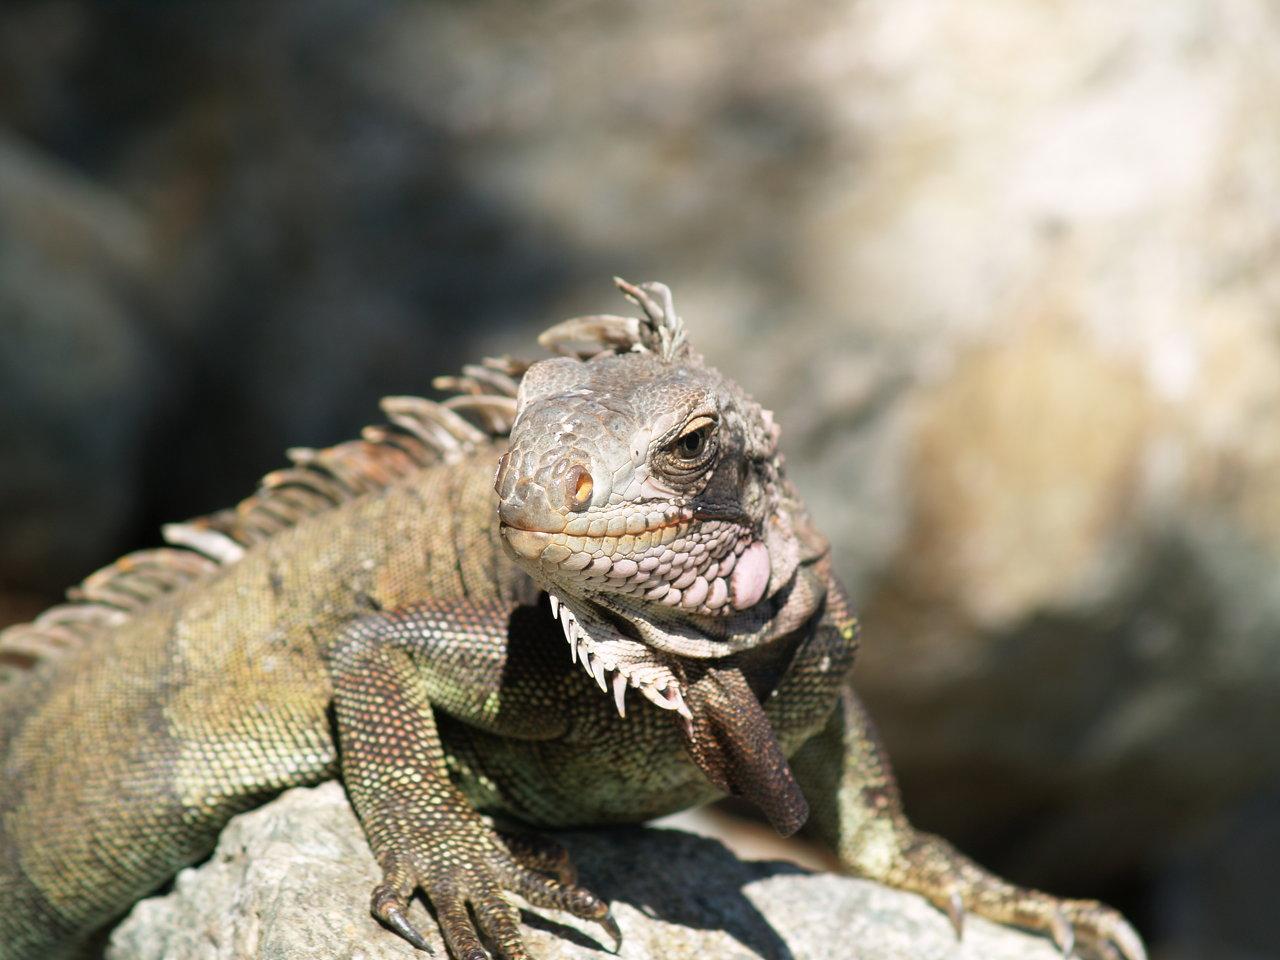 Iguana Head On